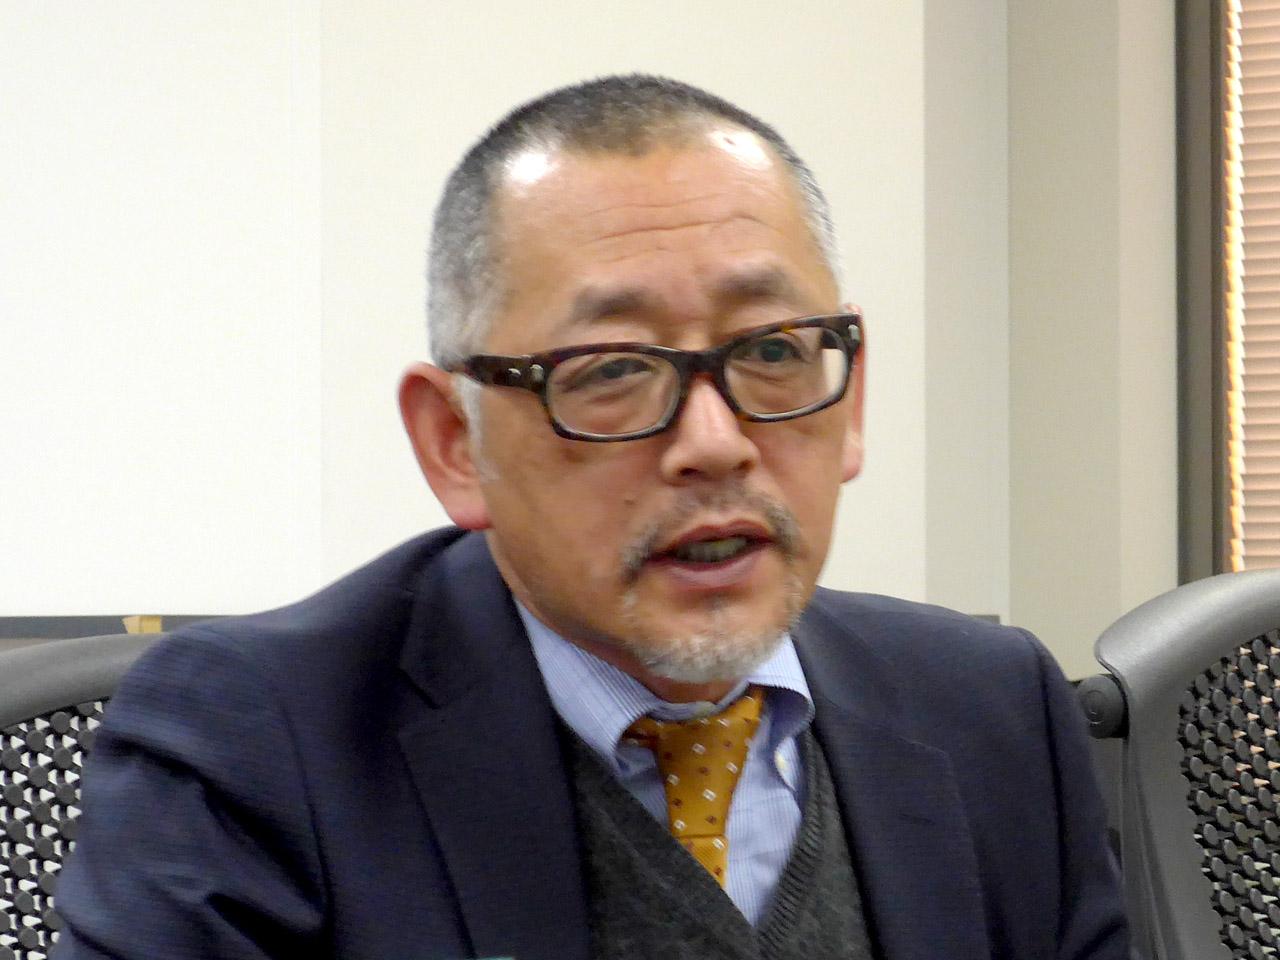 Ruckus Networks日本担当カントリーマネージャーの高山尚久氏